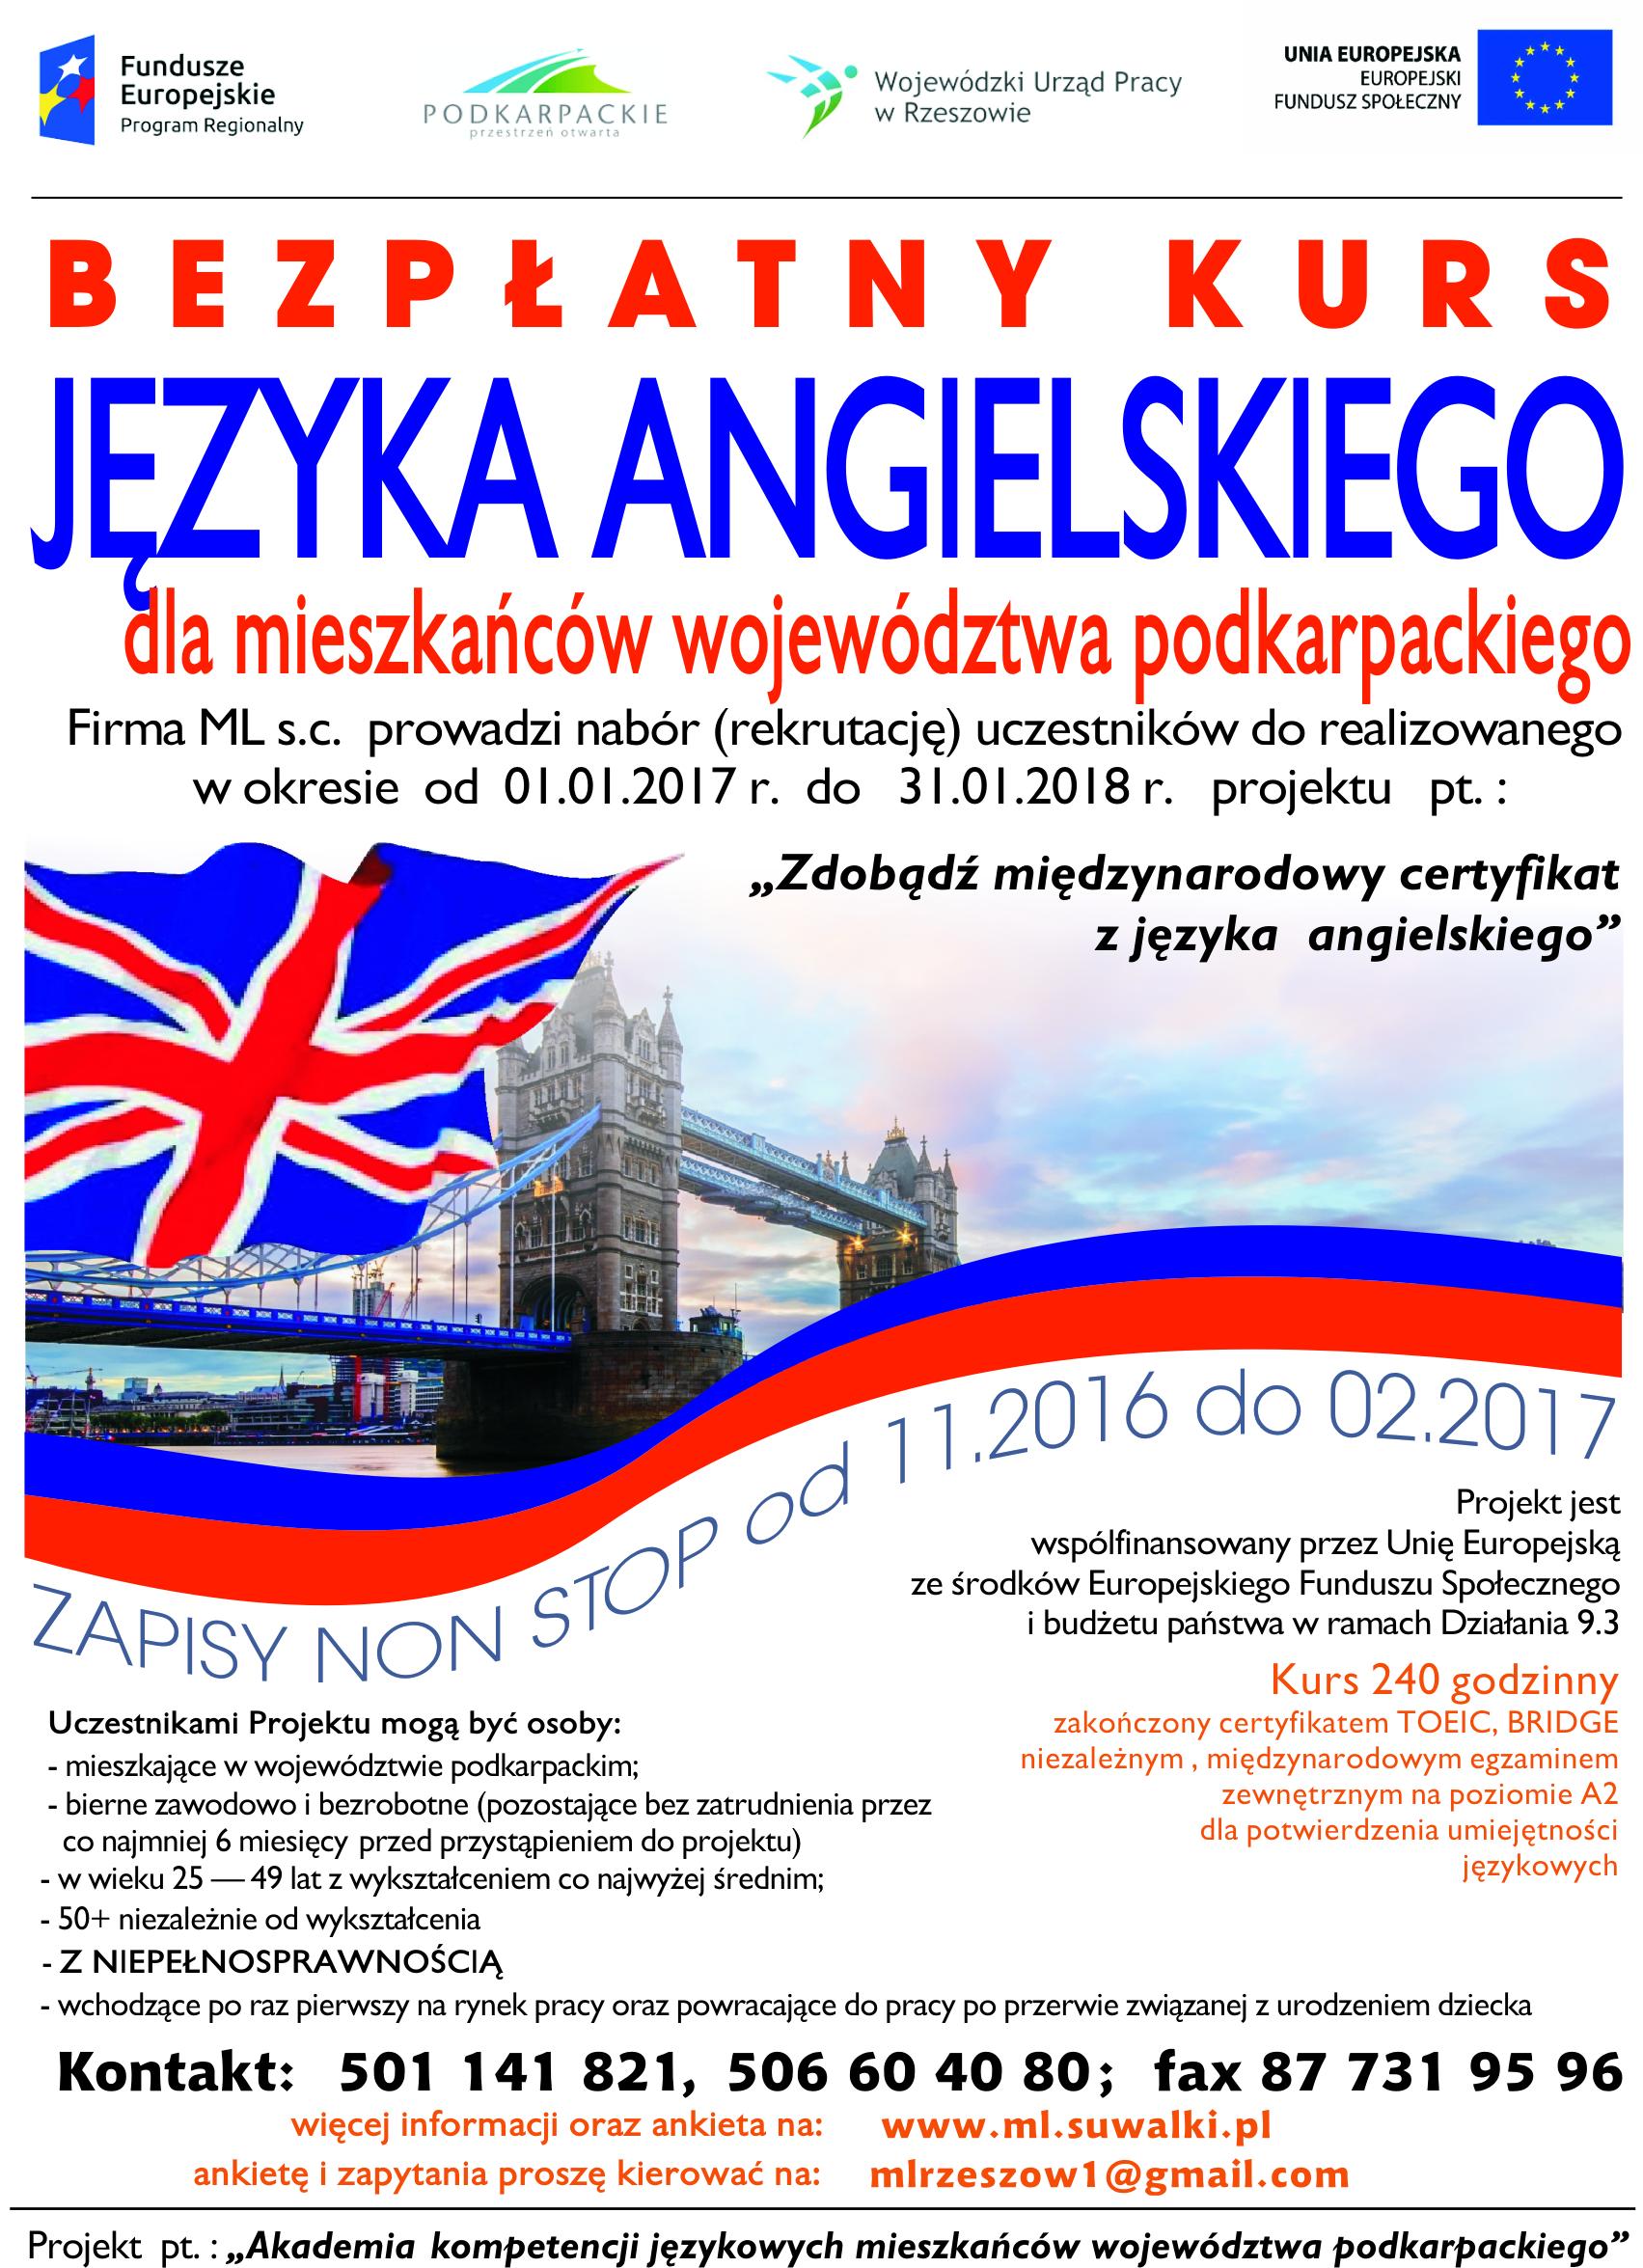 Zdobądź Międzynarodowy Certyfikat Z Języka Angielskiego Za